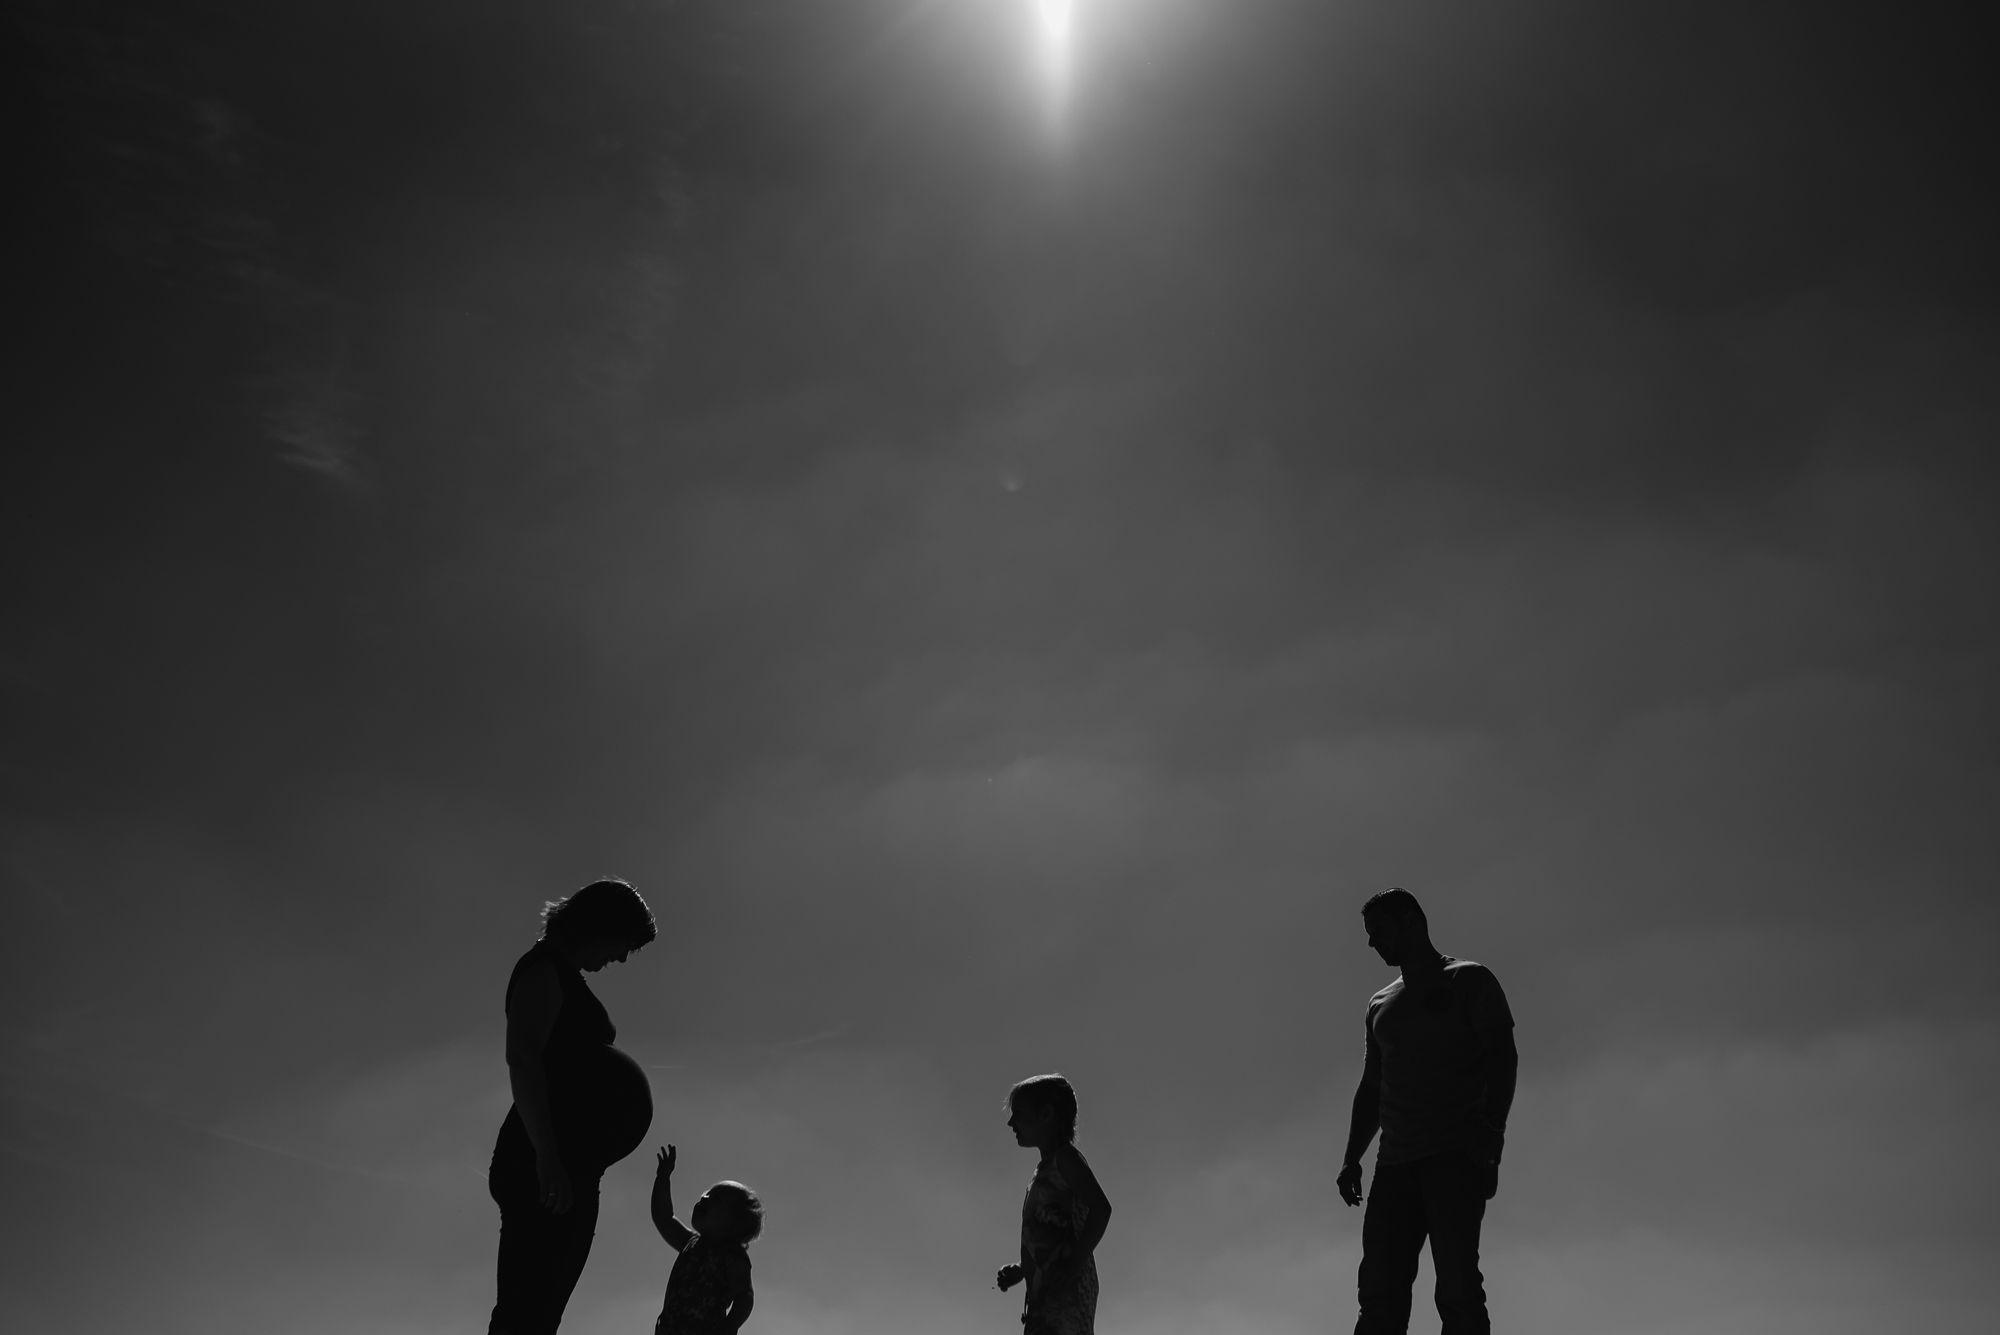 gezinsshoot foto's gezin zwangerschap stoer